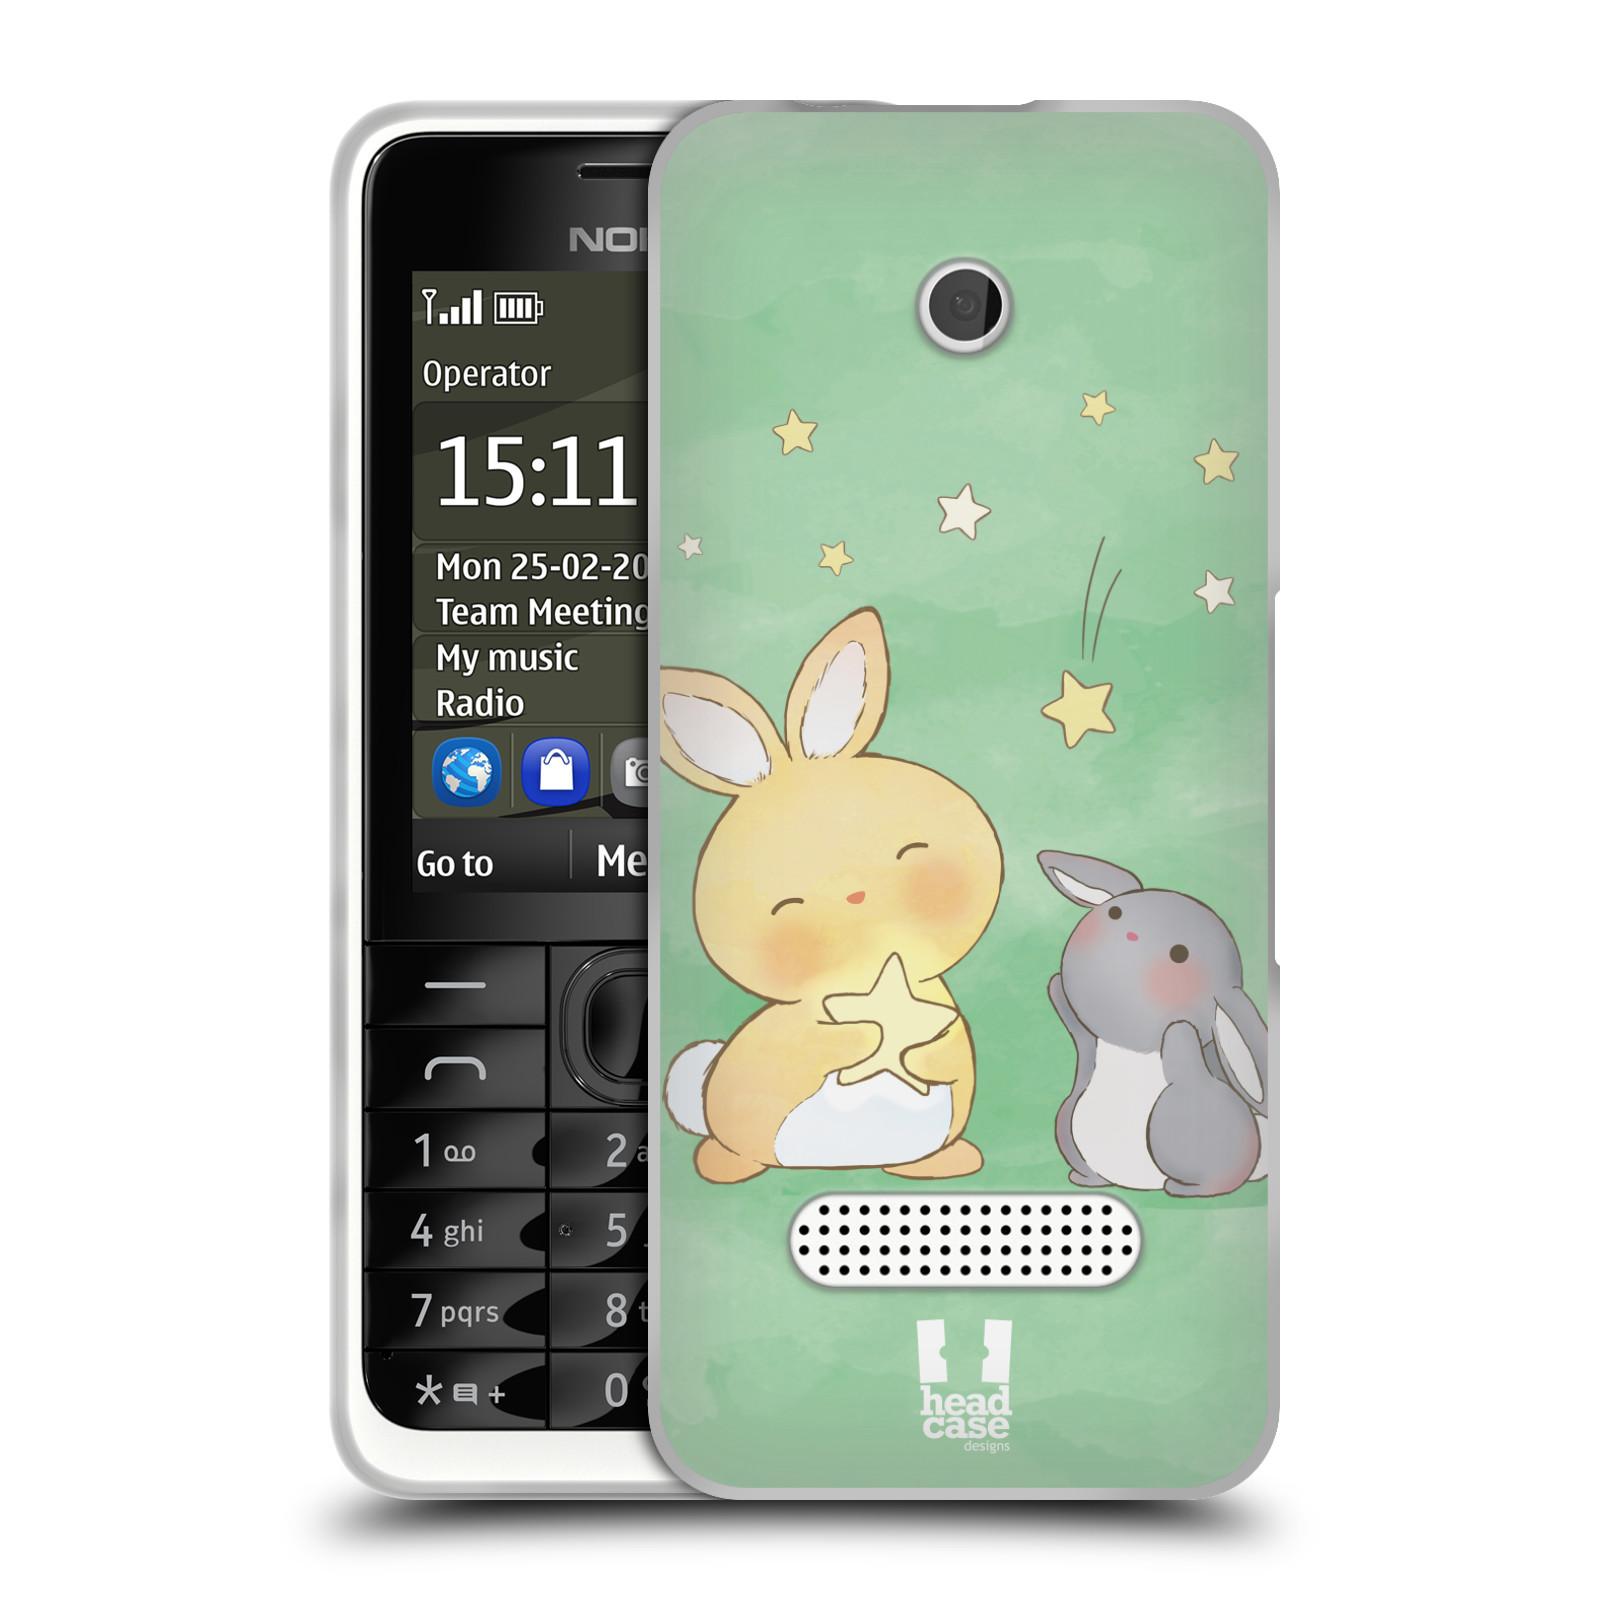 HEAD CASE silikonový obal na mobil NOKIA 301 vzor králíček a hvězdy zelená